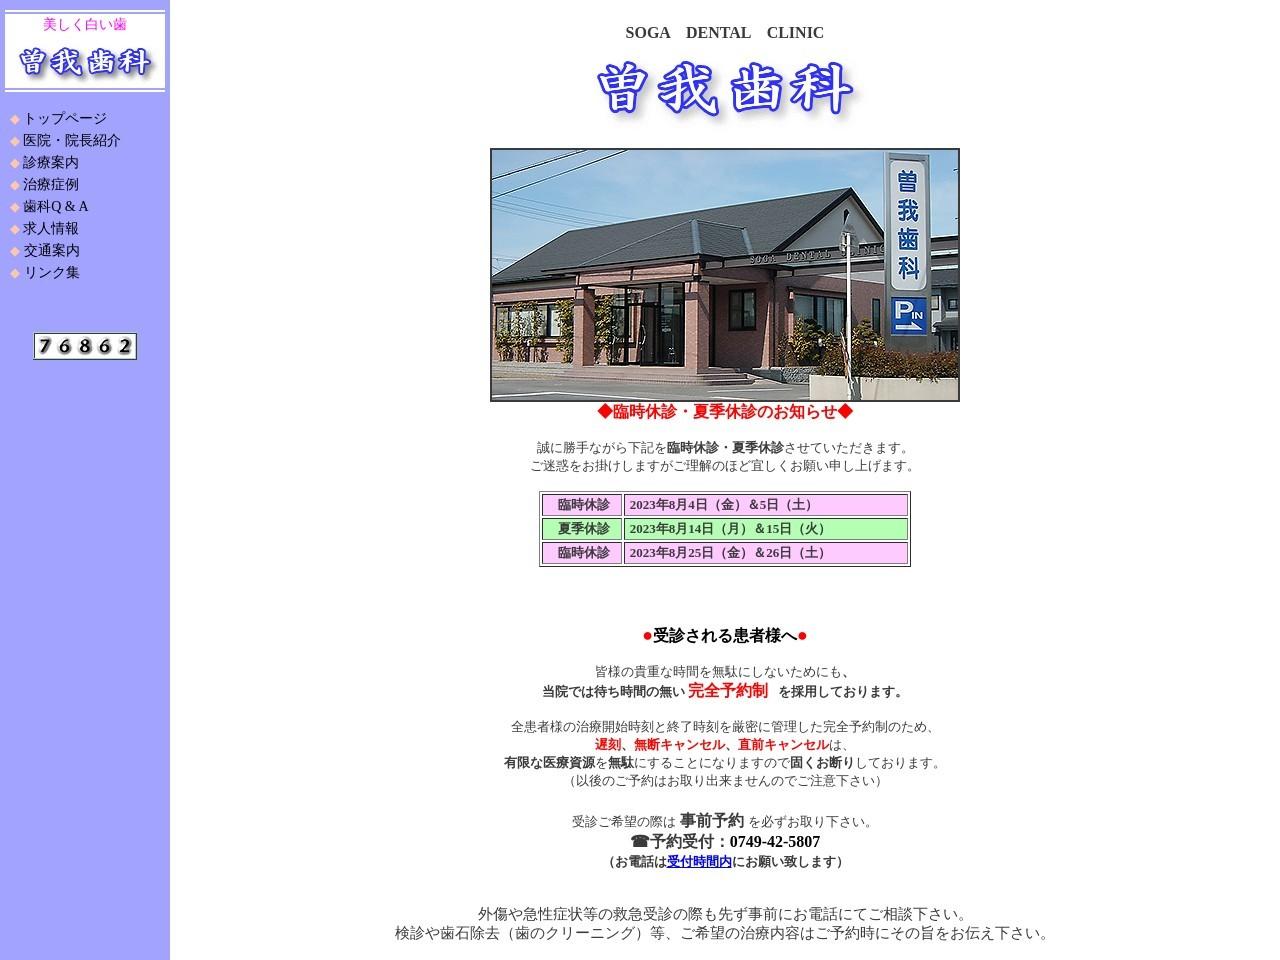 曽我歯科 (滋賀県愛知郡愛荘町)